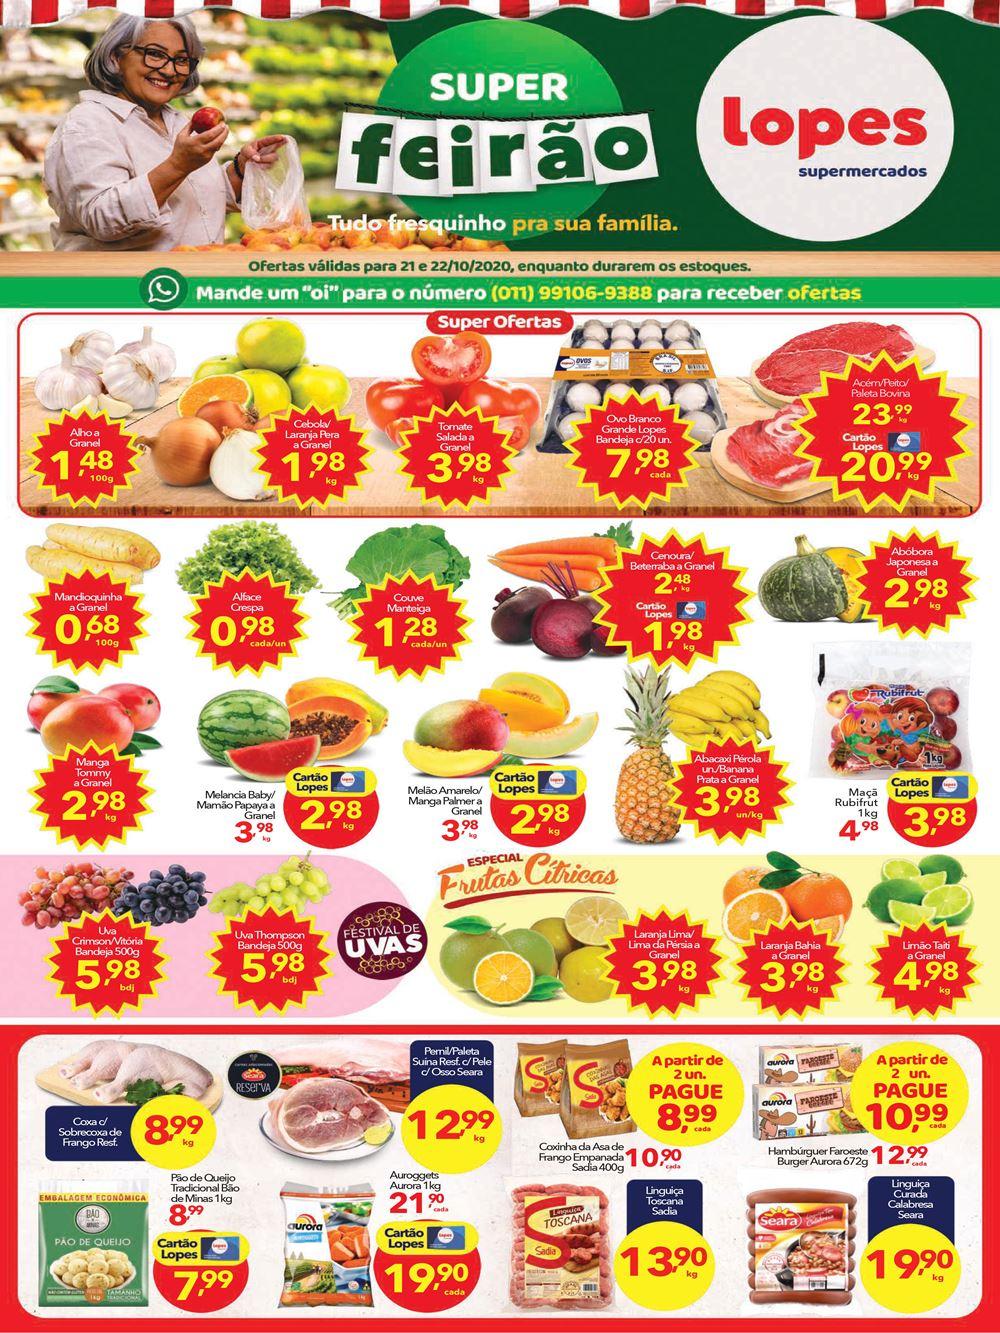 lopes-ofertas-descontos-hoje1-1 Ofertas de supermercados - Economize